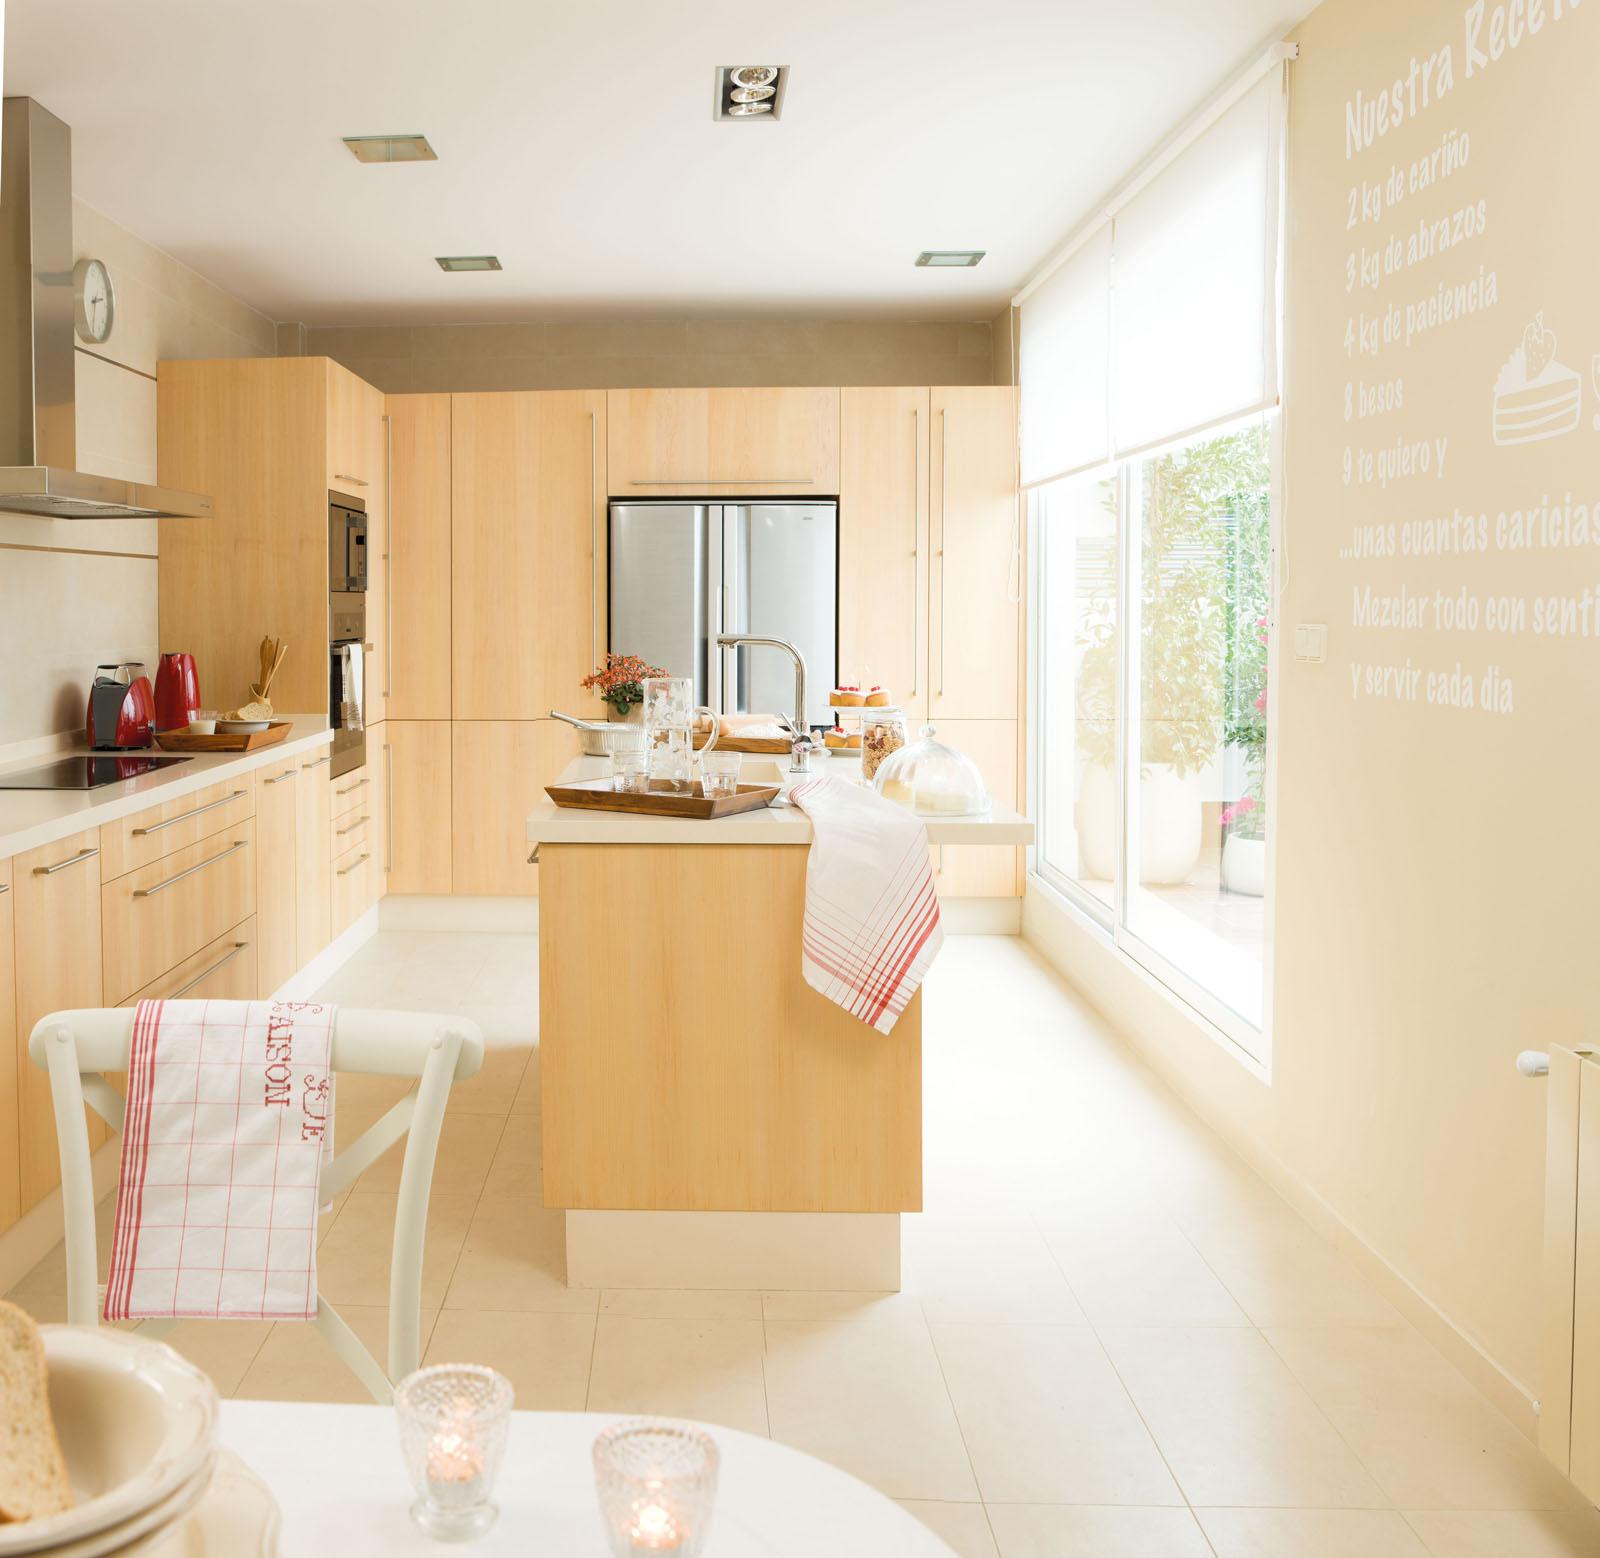 Antes y despu s redecoramos 5 estancias - Mueble mesa cocina ...